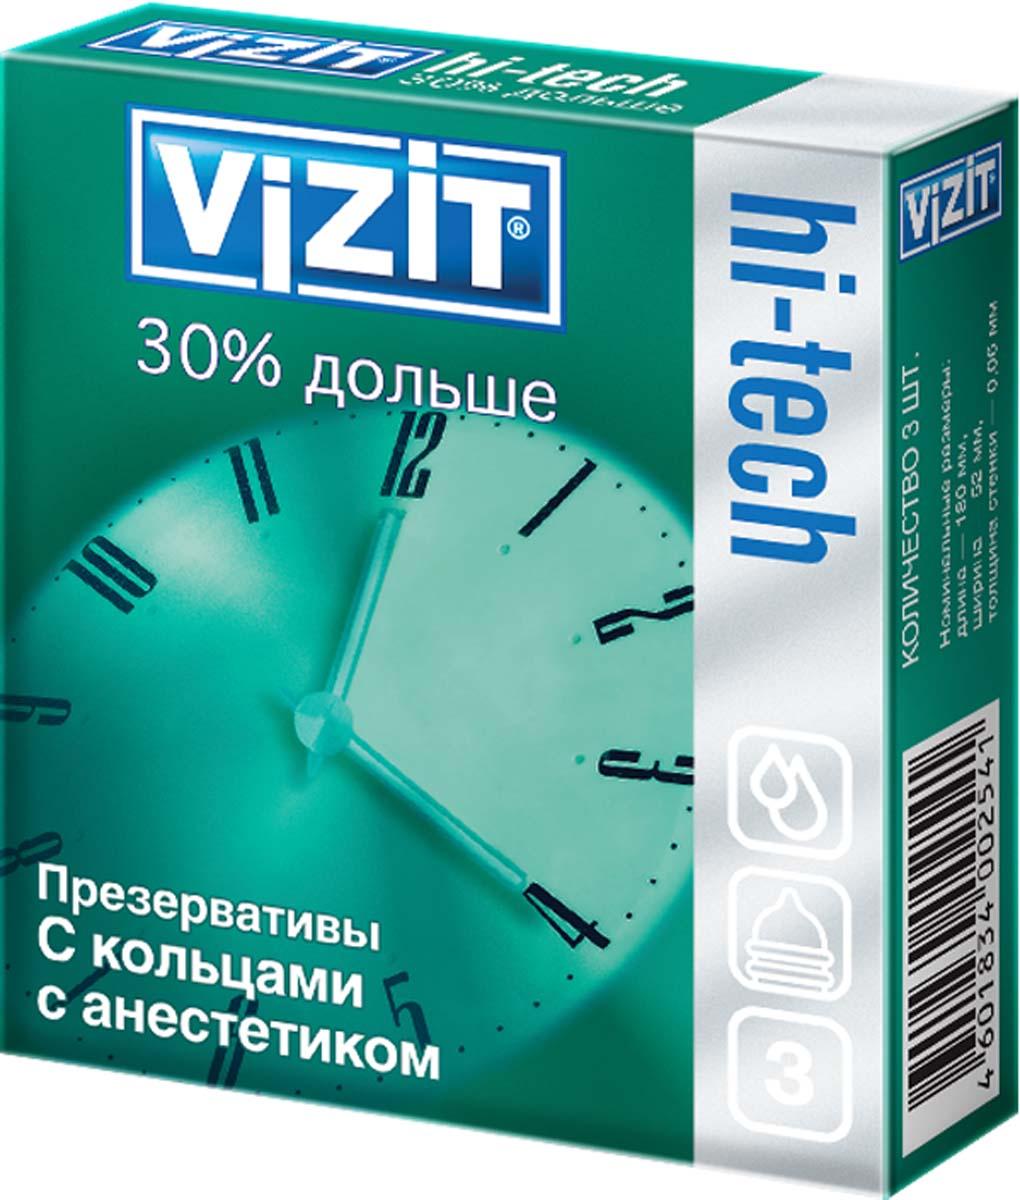 VIZIT Презервативы HI-TECH 30% дольше, с кольцами и анестетиком, 3 шт chilirose корсаж и трусики с пажами для чулок